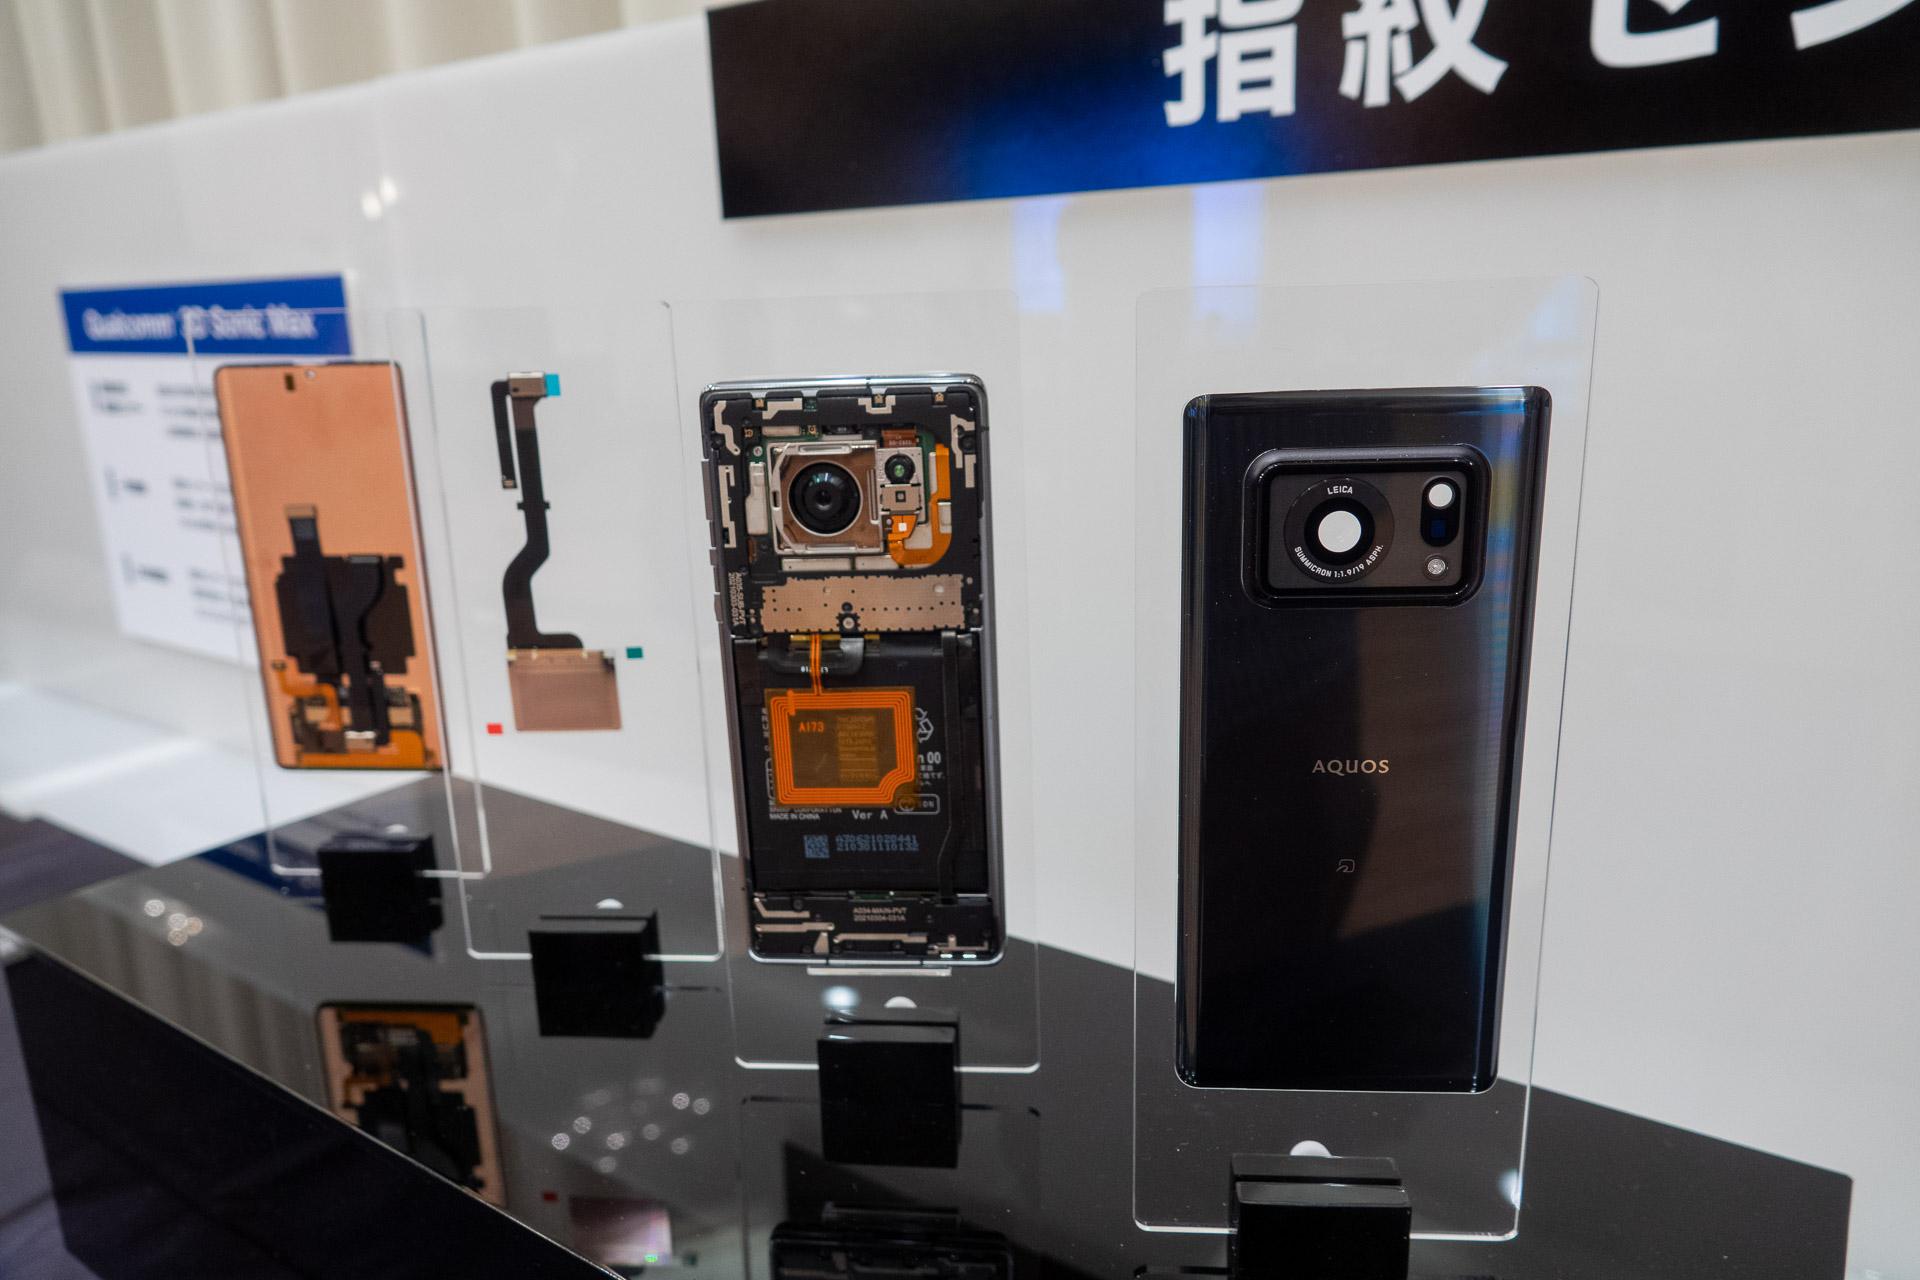 左からディスプレイ側、指紋センサー部、カメラを含む基板、背面